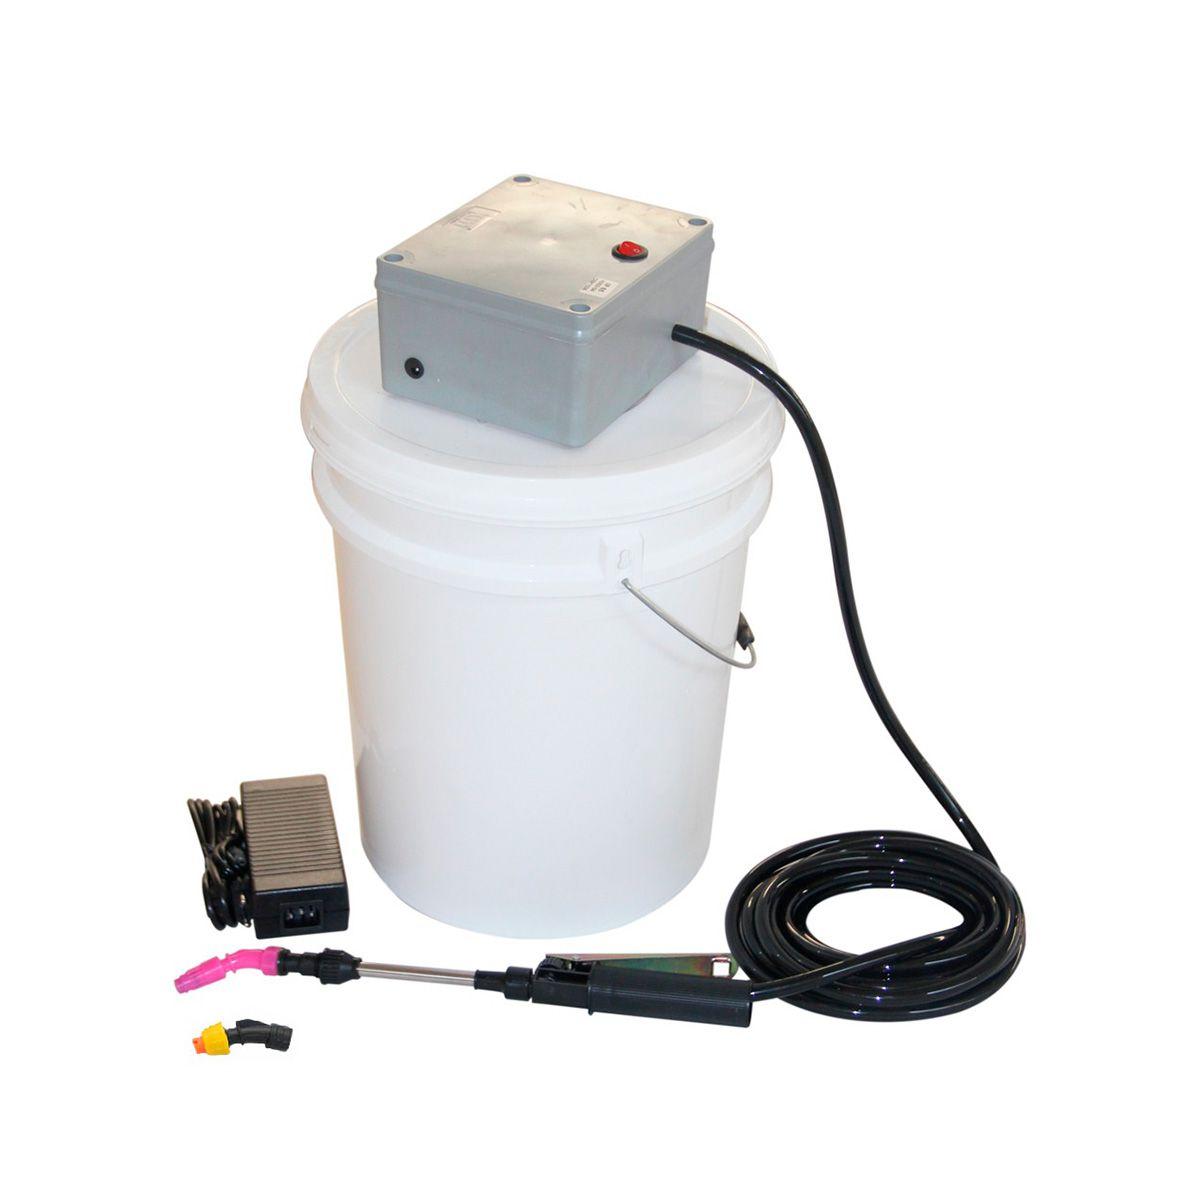 Lavadora Elétrica 18L 100PSI Carrinho + Bolsa Coletora até 12000 BTUS